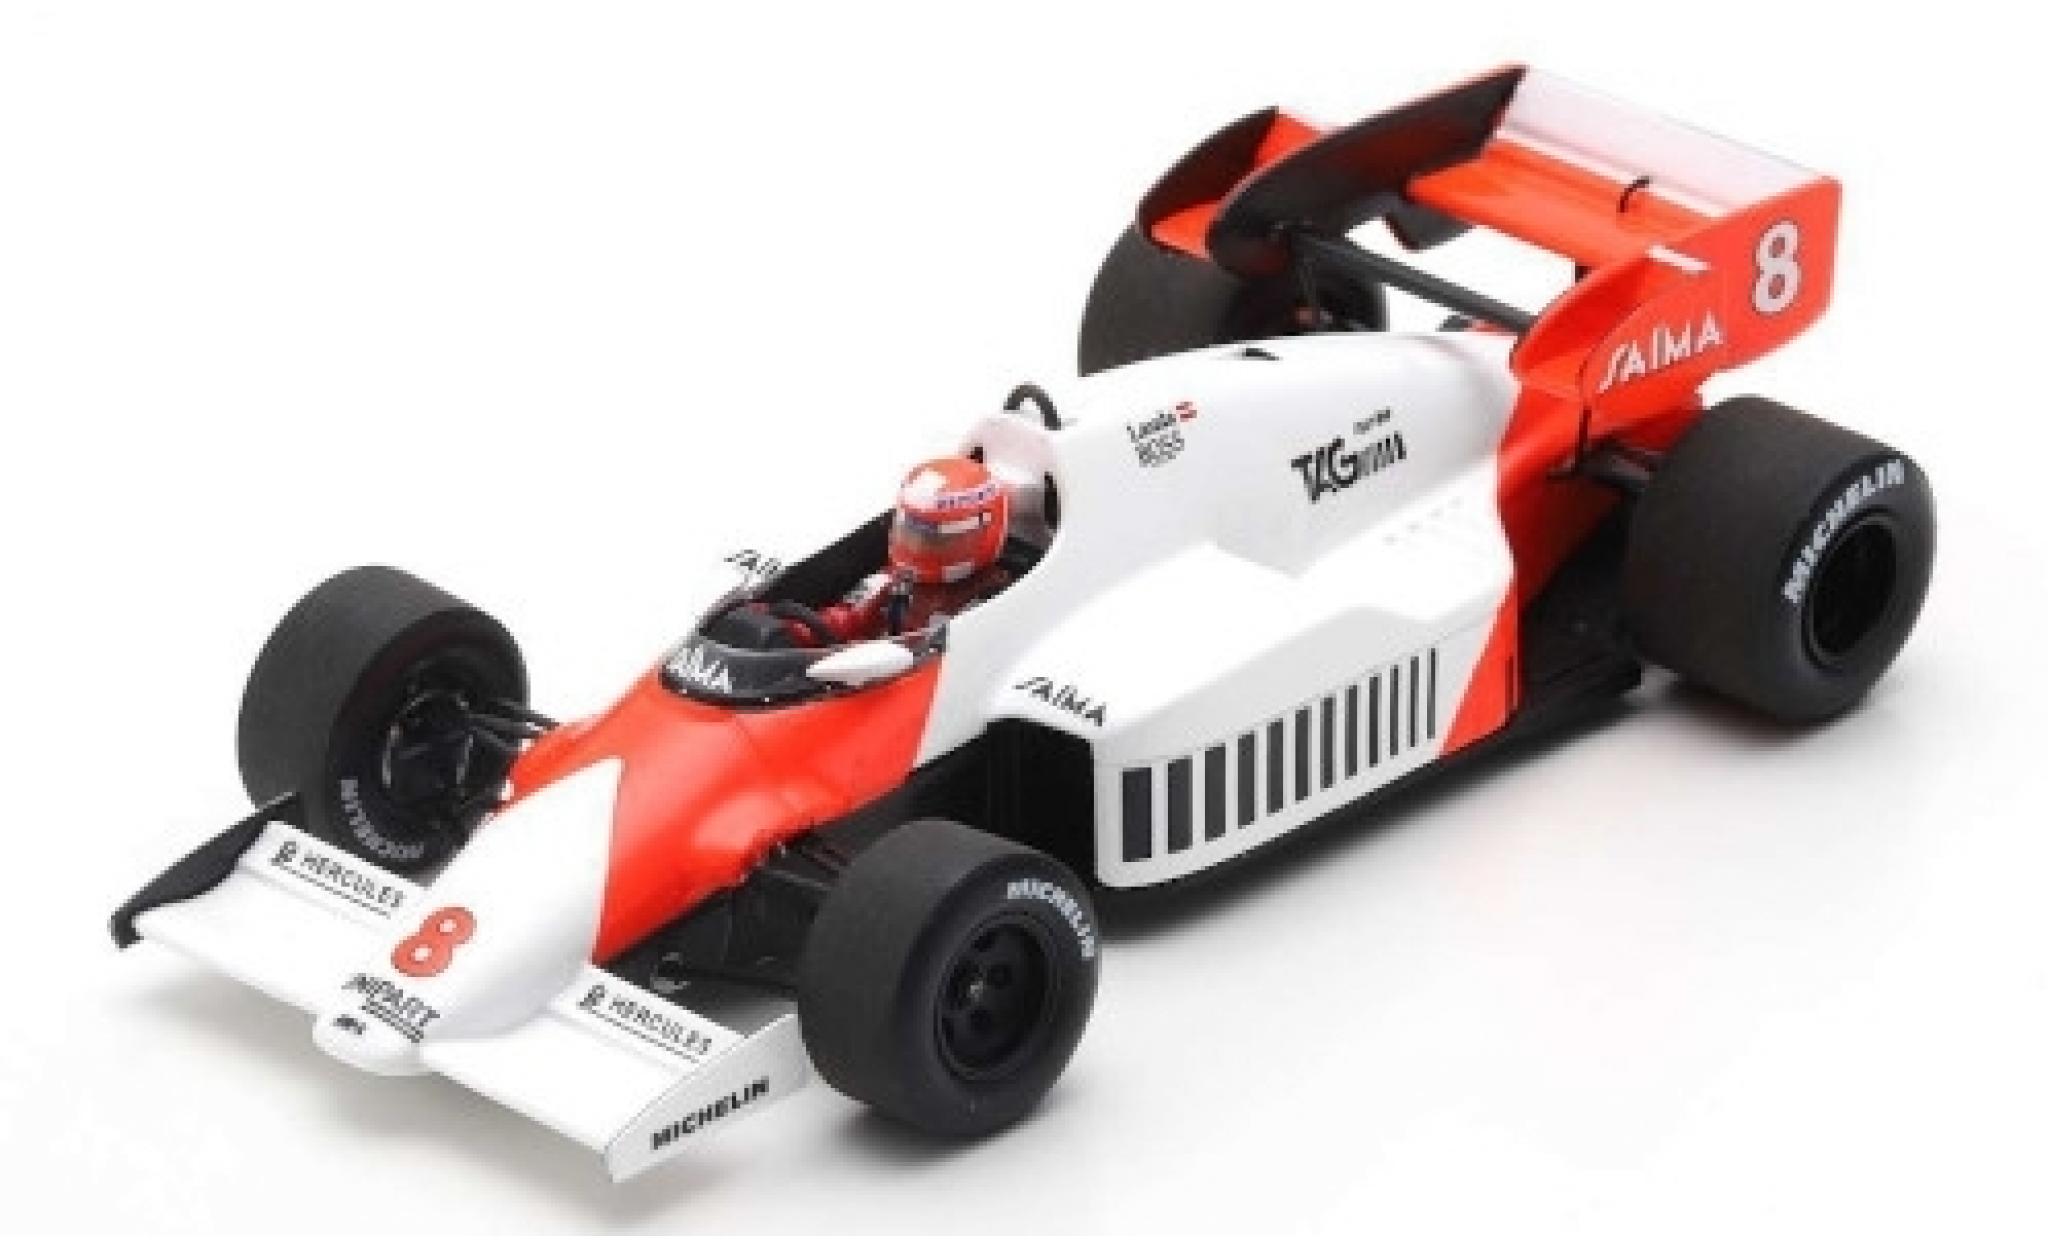 McLaren MP4-12C 1/43 Spark MP4-2 No.8 Marlboro Formel 1 GP Großbritannien 1984 avec Decals N.Lauda